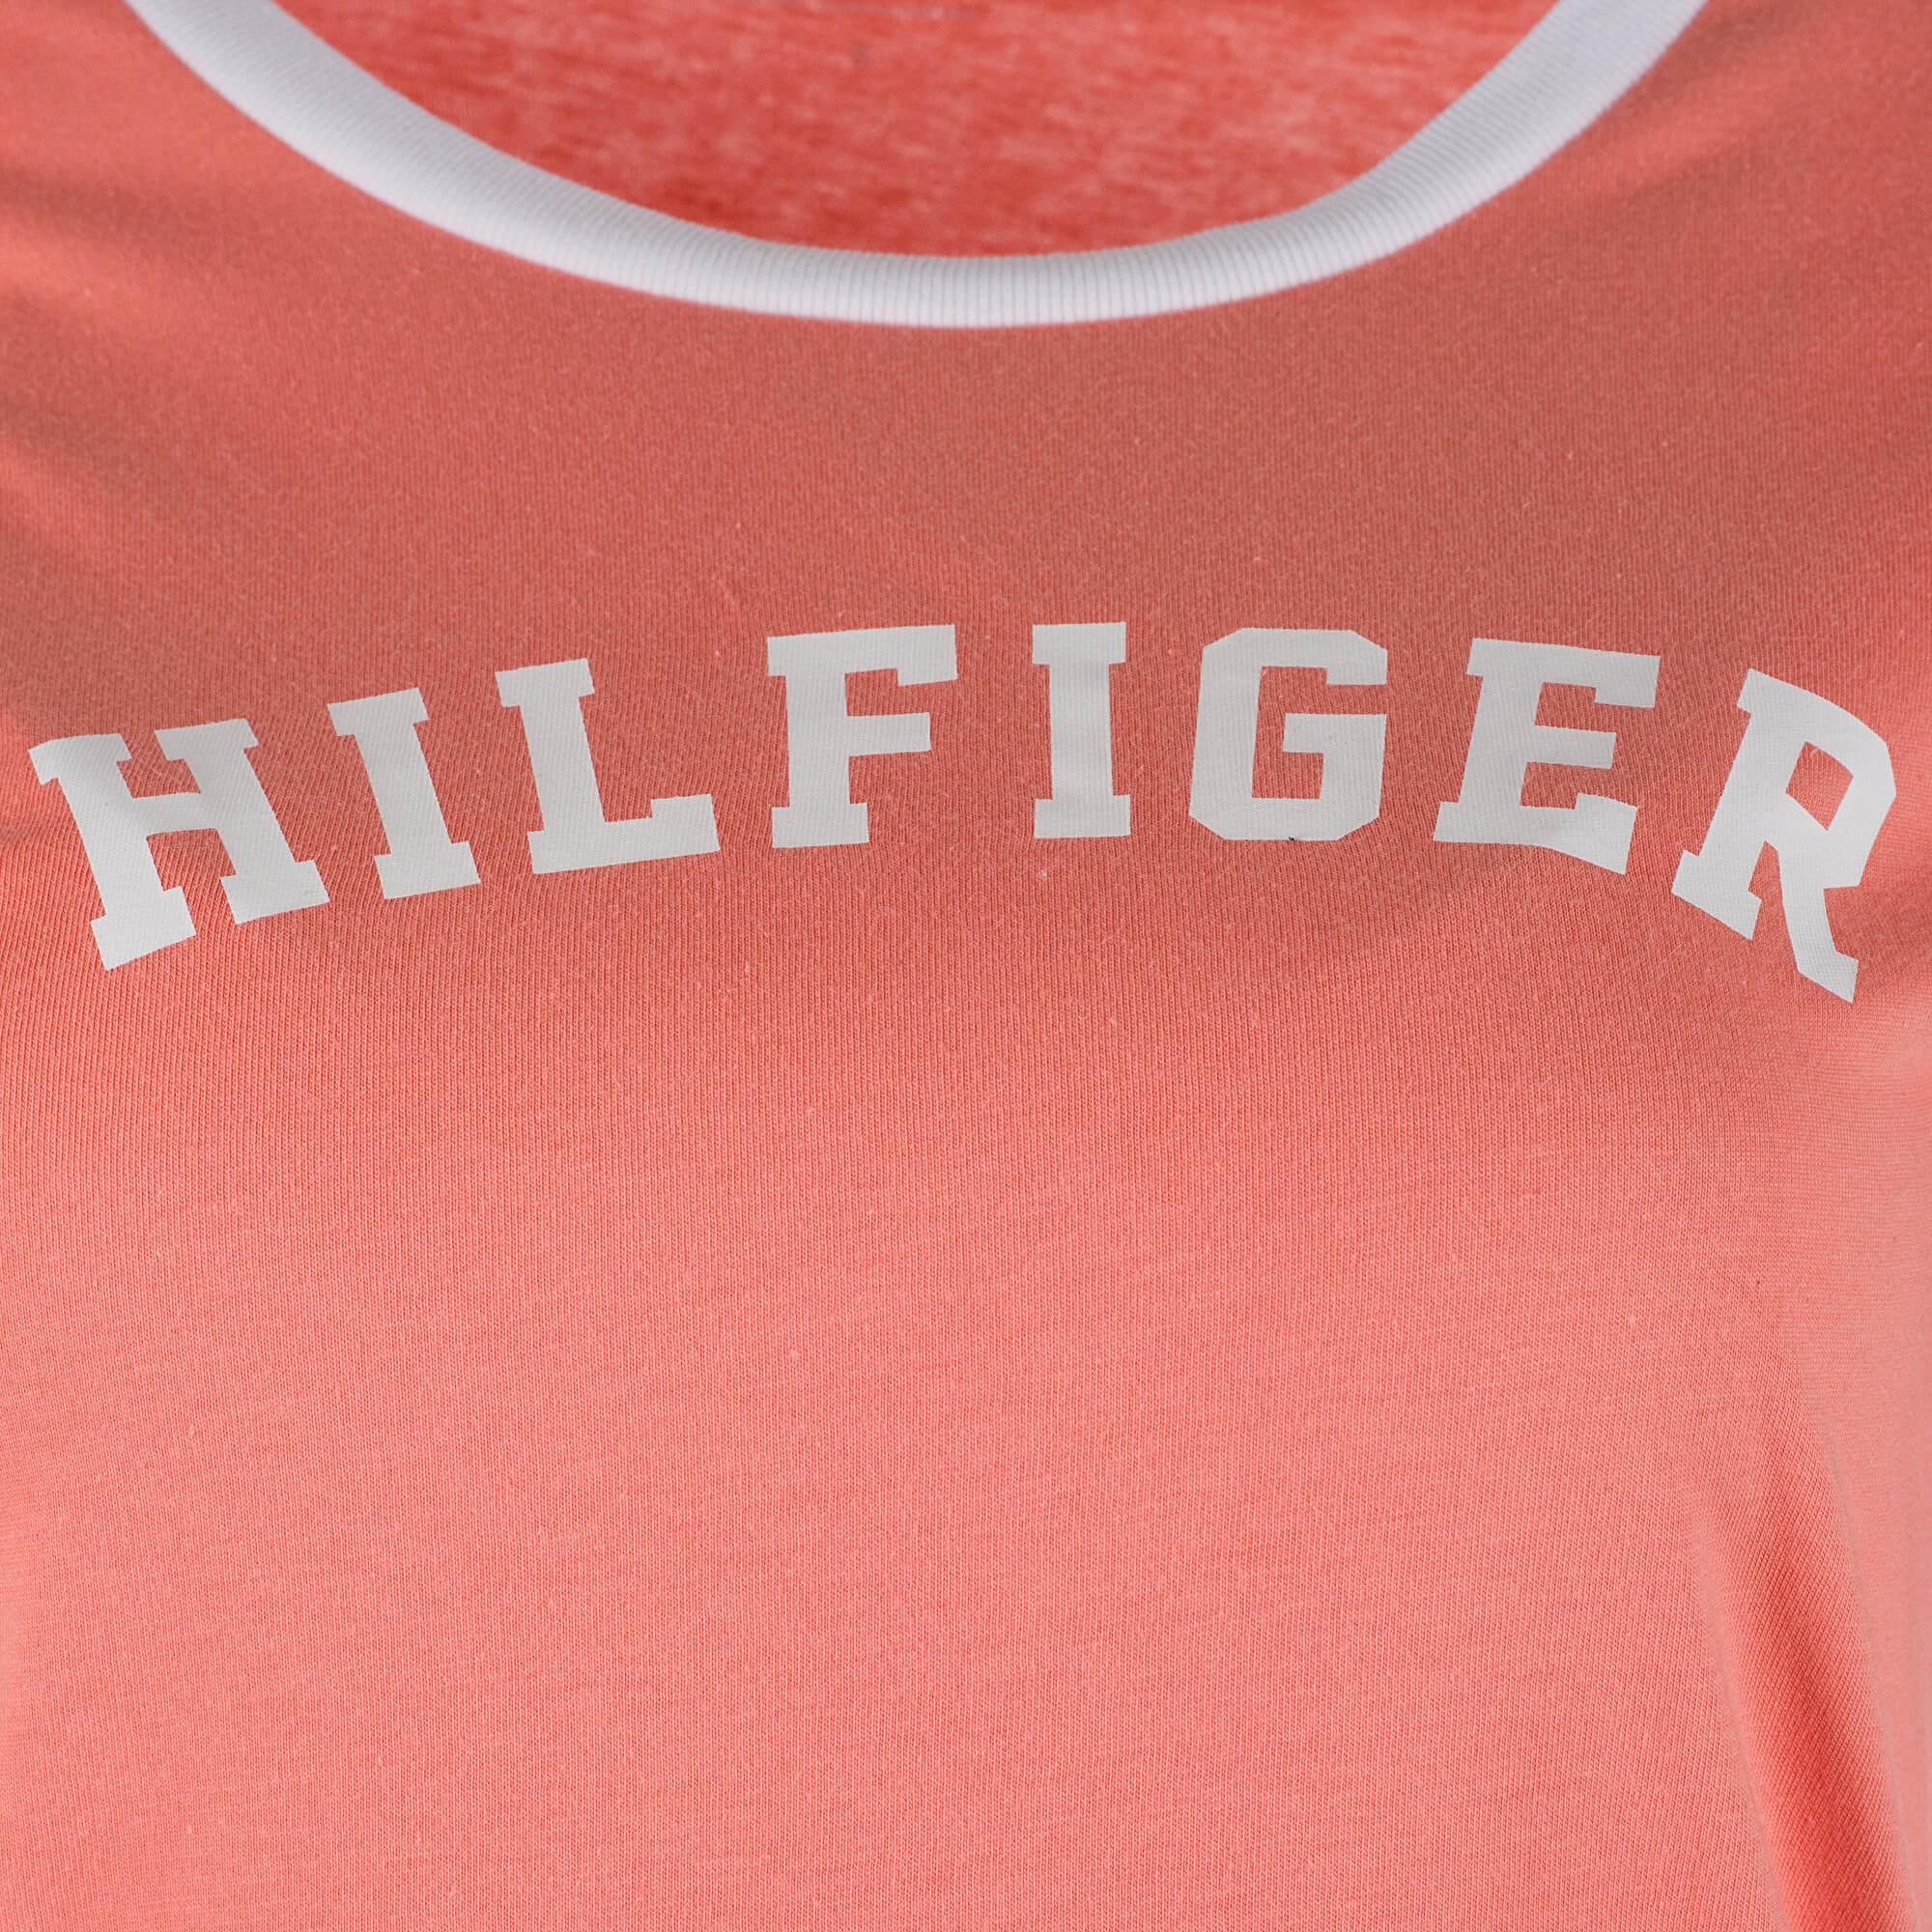 30a007cc74 Tommy Hilfiger Dámské triko Ss Tee Print UW0UW00091-661 Light orange.  Předchozí  Další